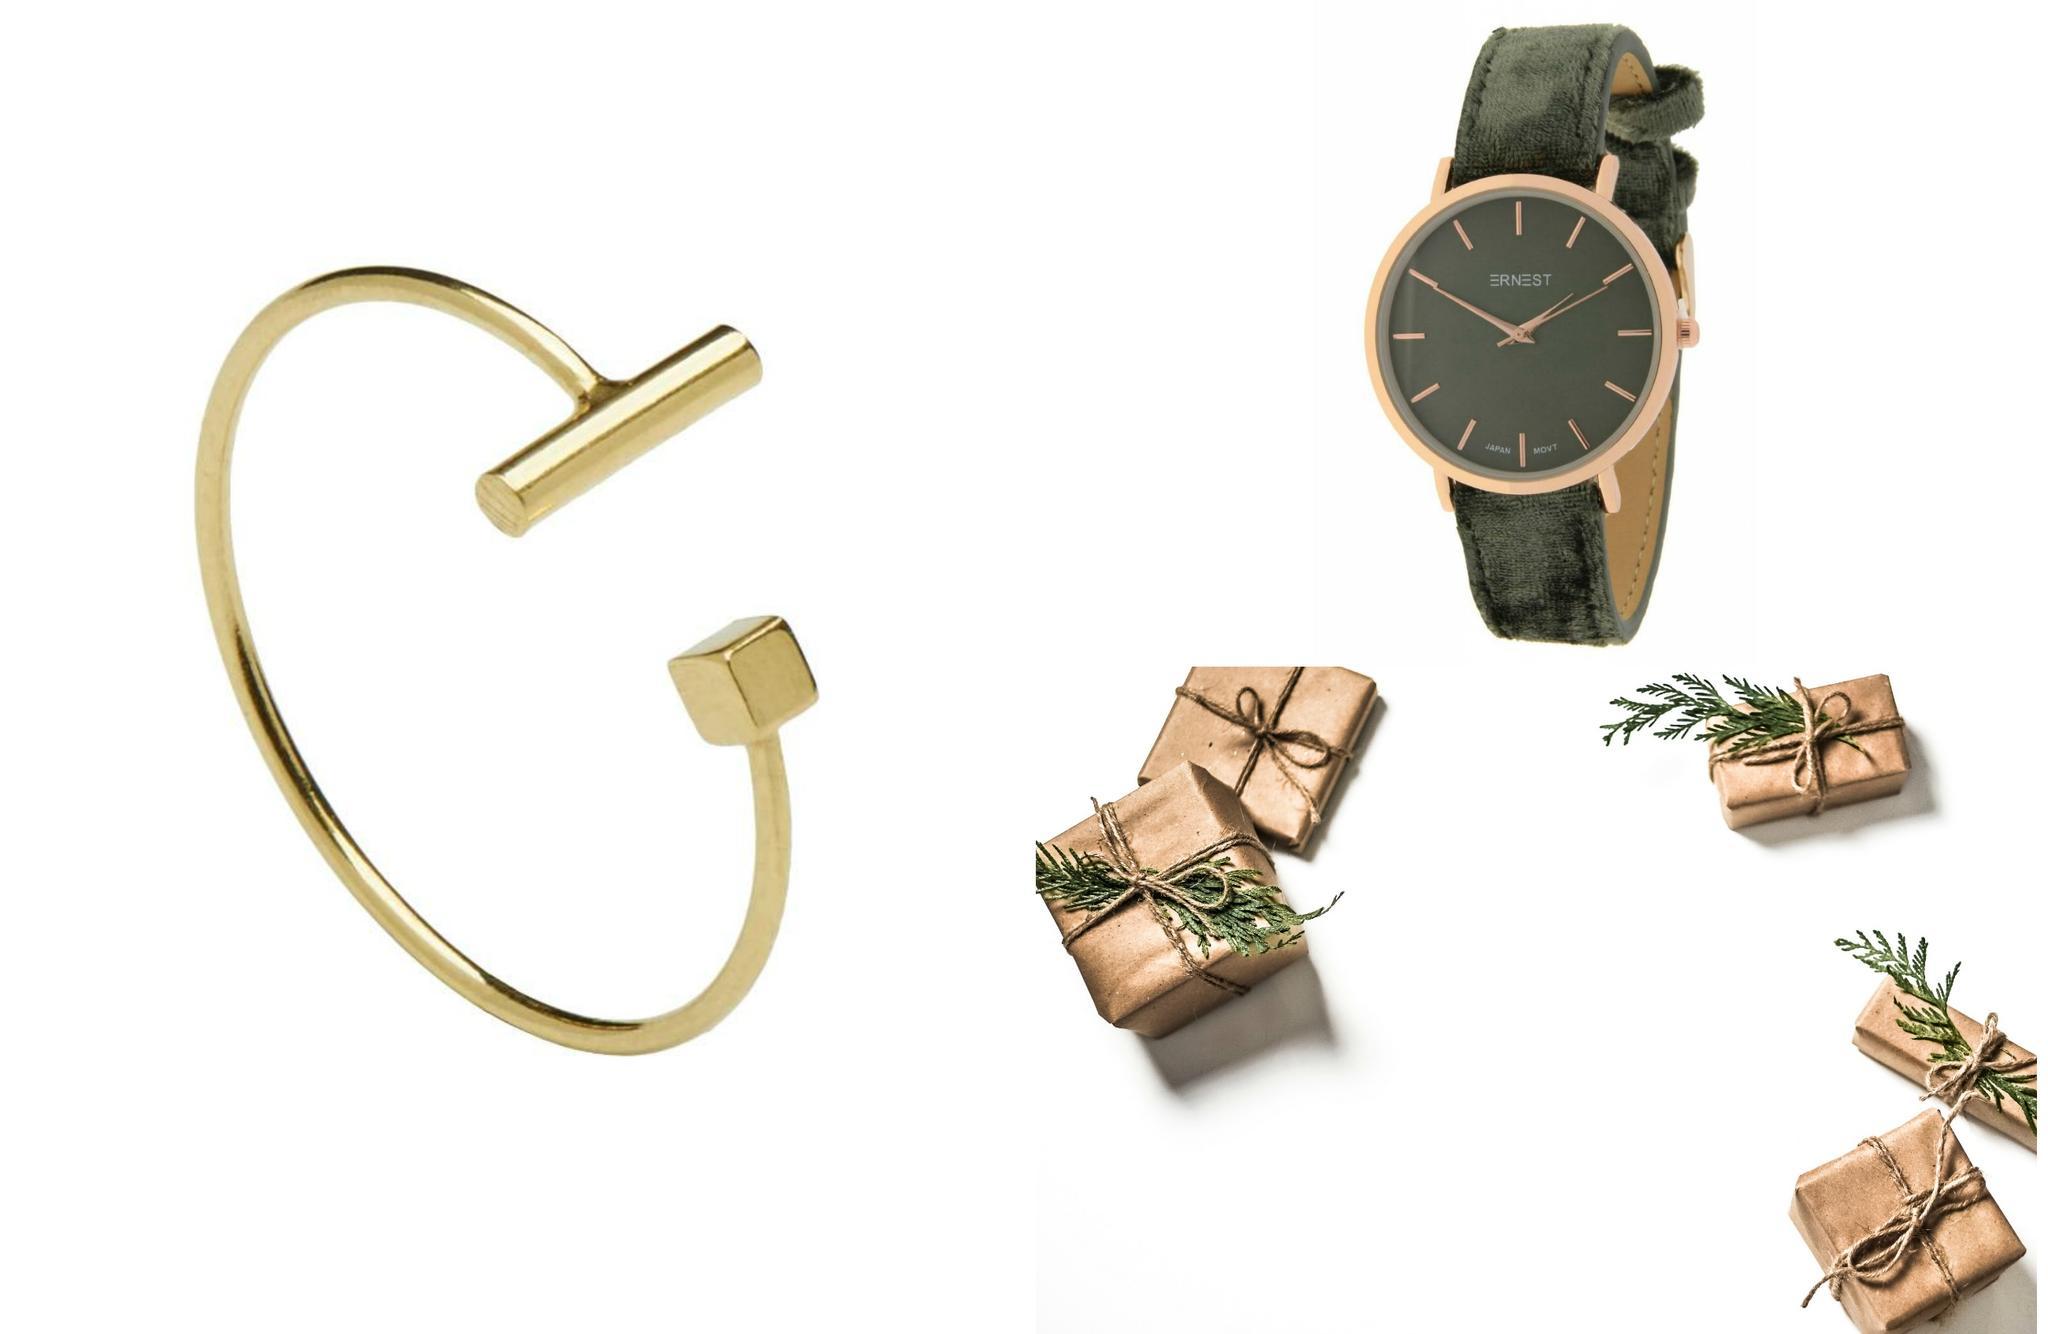 kadotips kerst sieraden 20 tot 25 euro sieraden accessoires vrouw